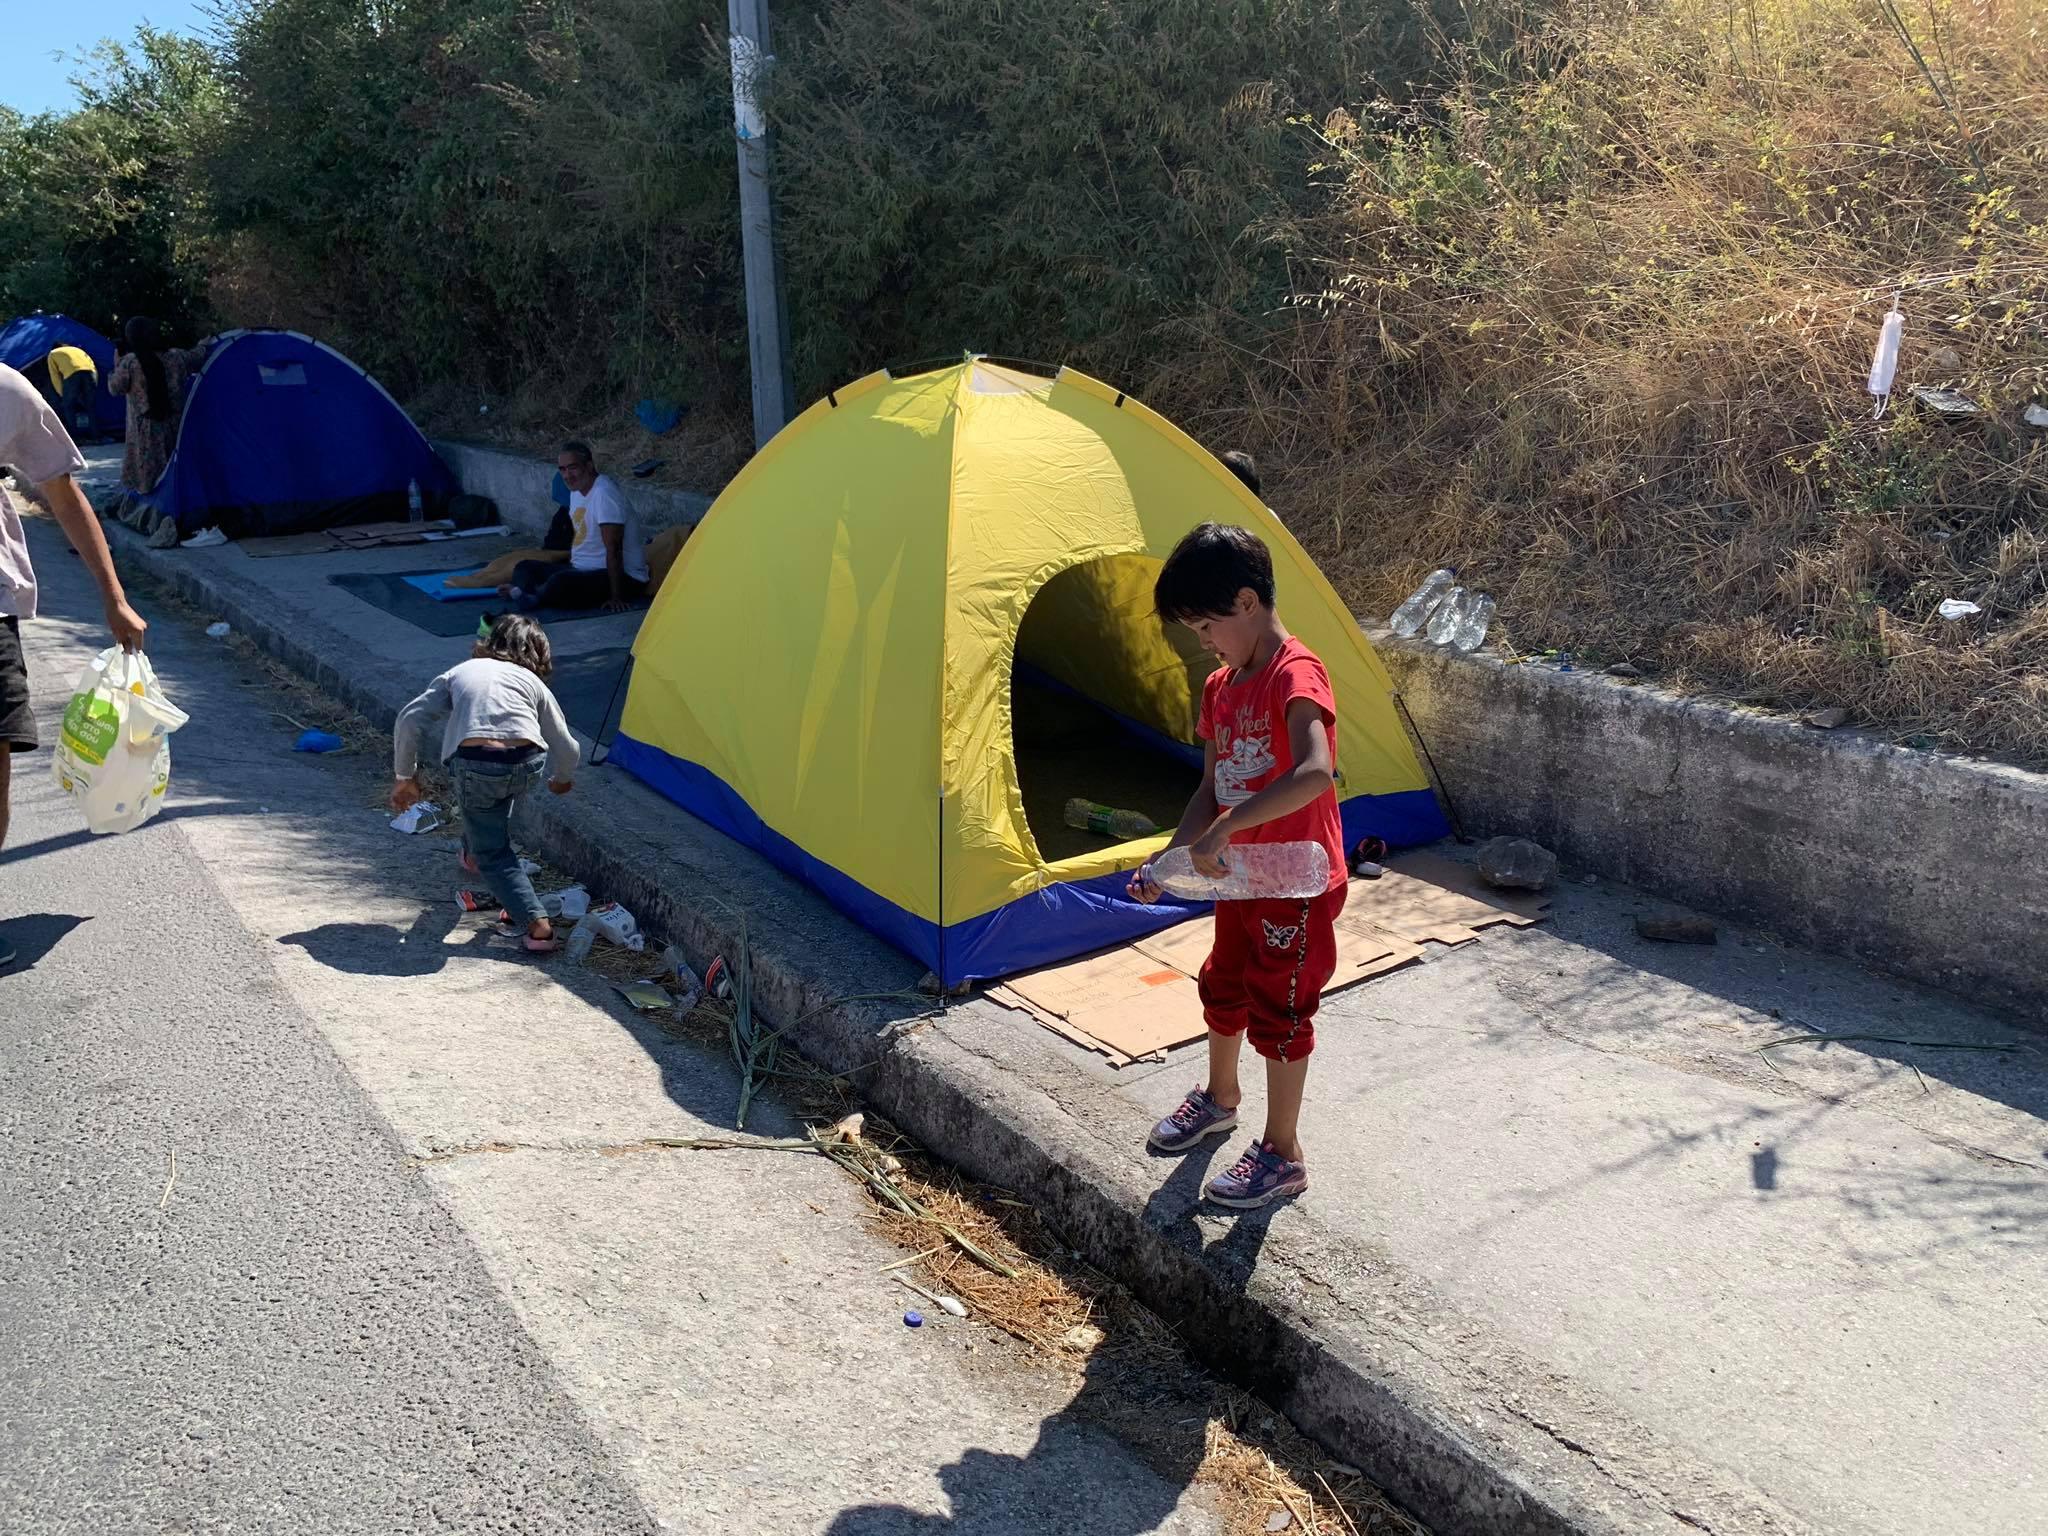 Προσφυγόπουλο έξω από αυτοσχέδια σκηνή